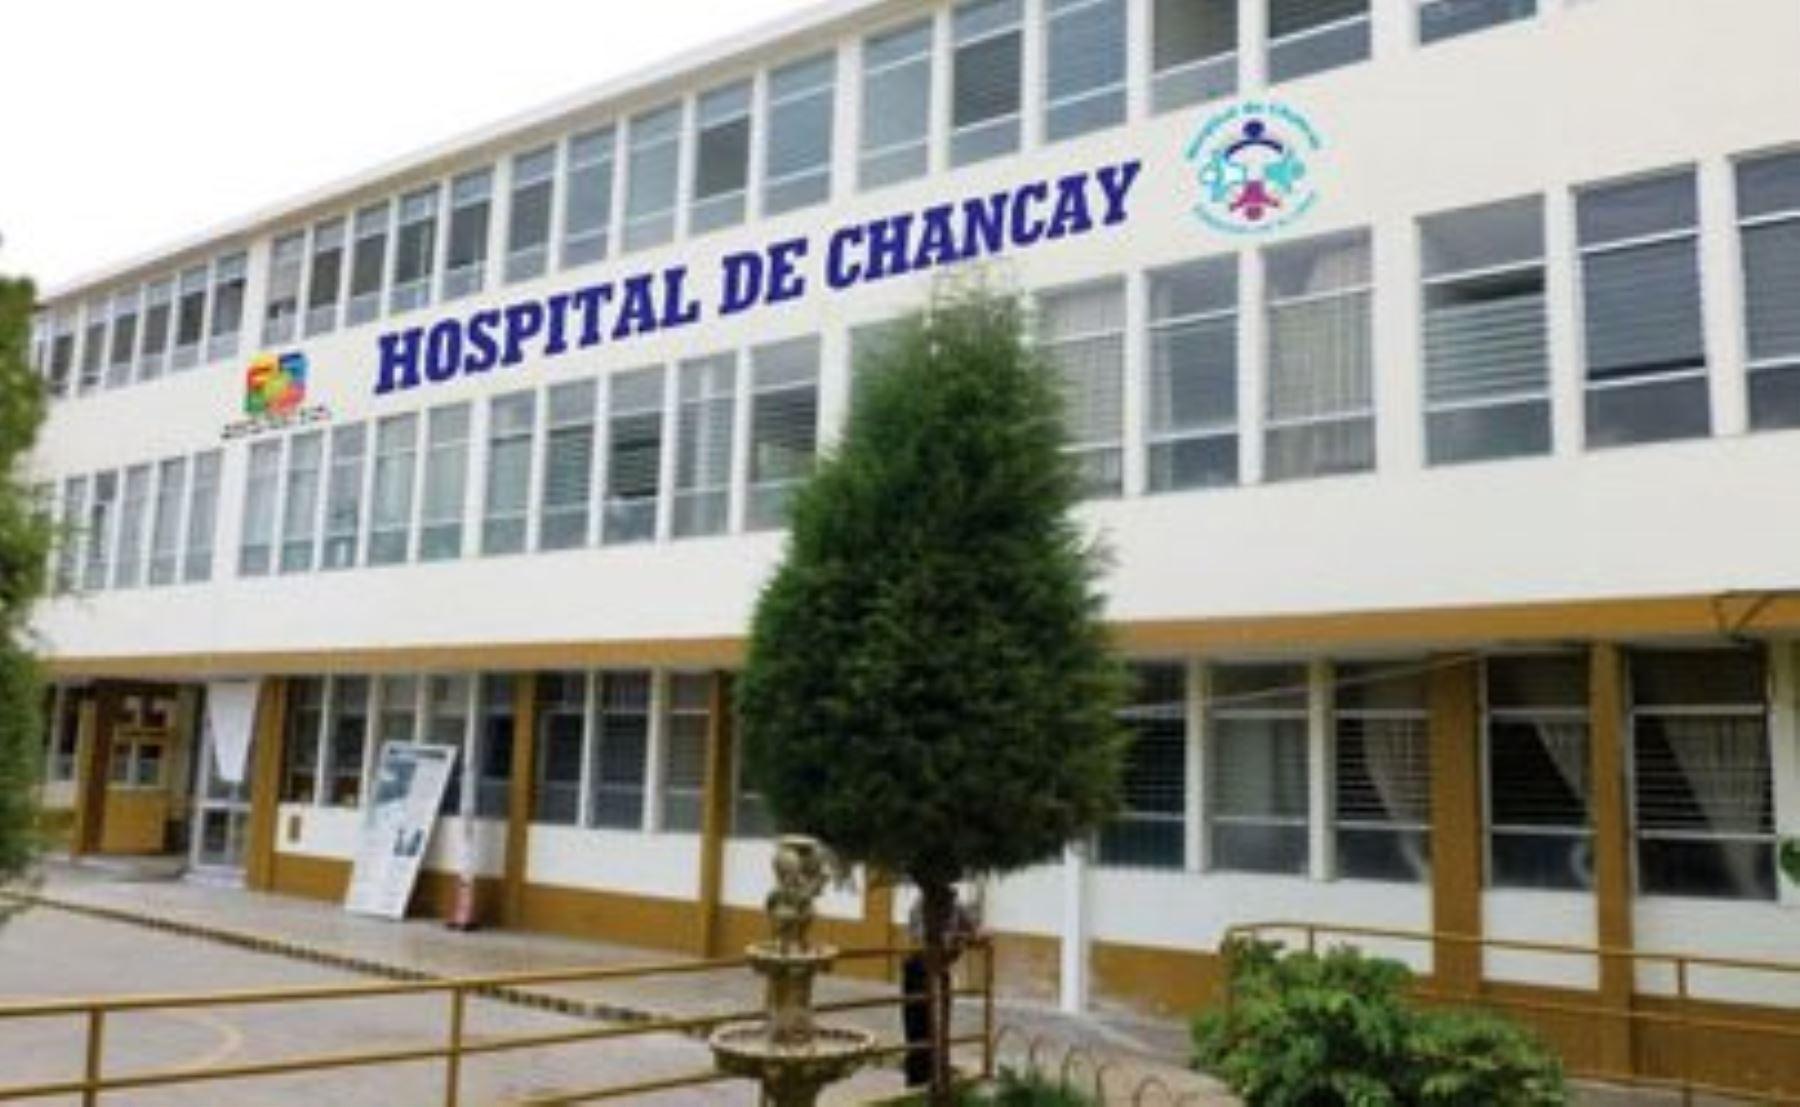 Hospital de Chancay, donde han sido llevados los fallecidos para el reconocimiento de sus familiares. Foto: Internet/Medios.